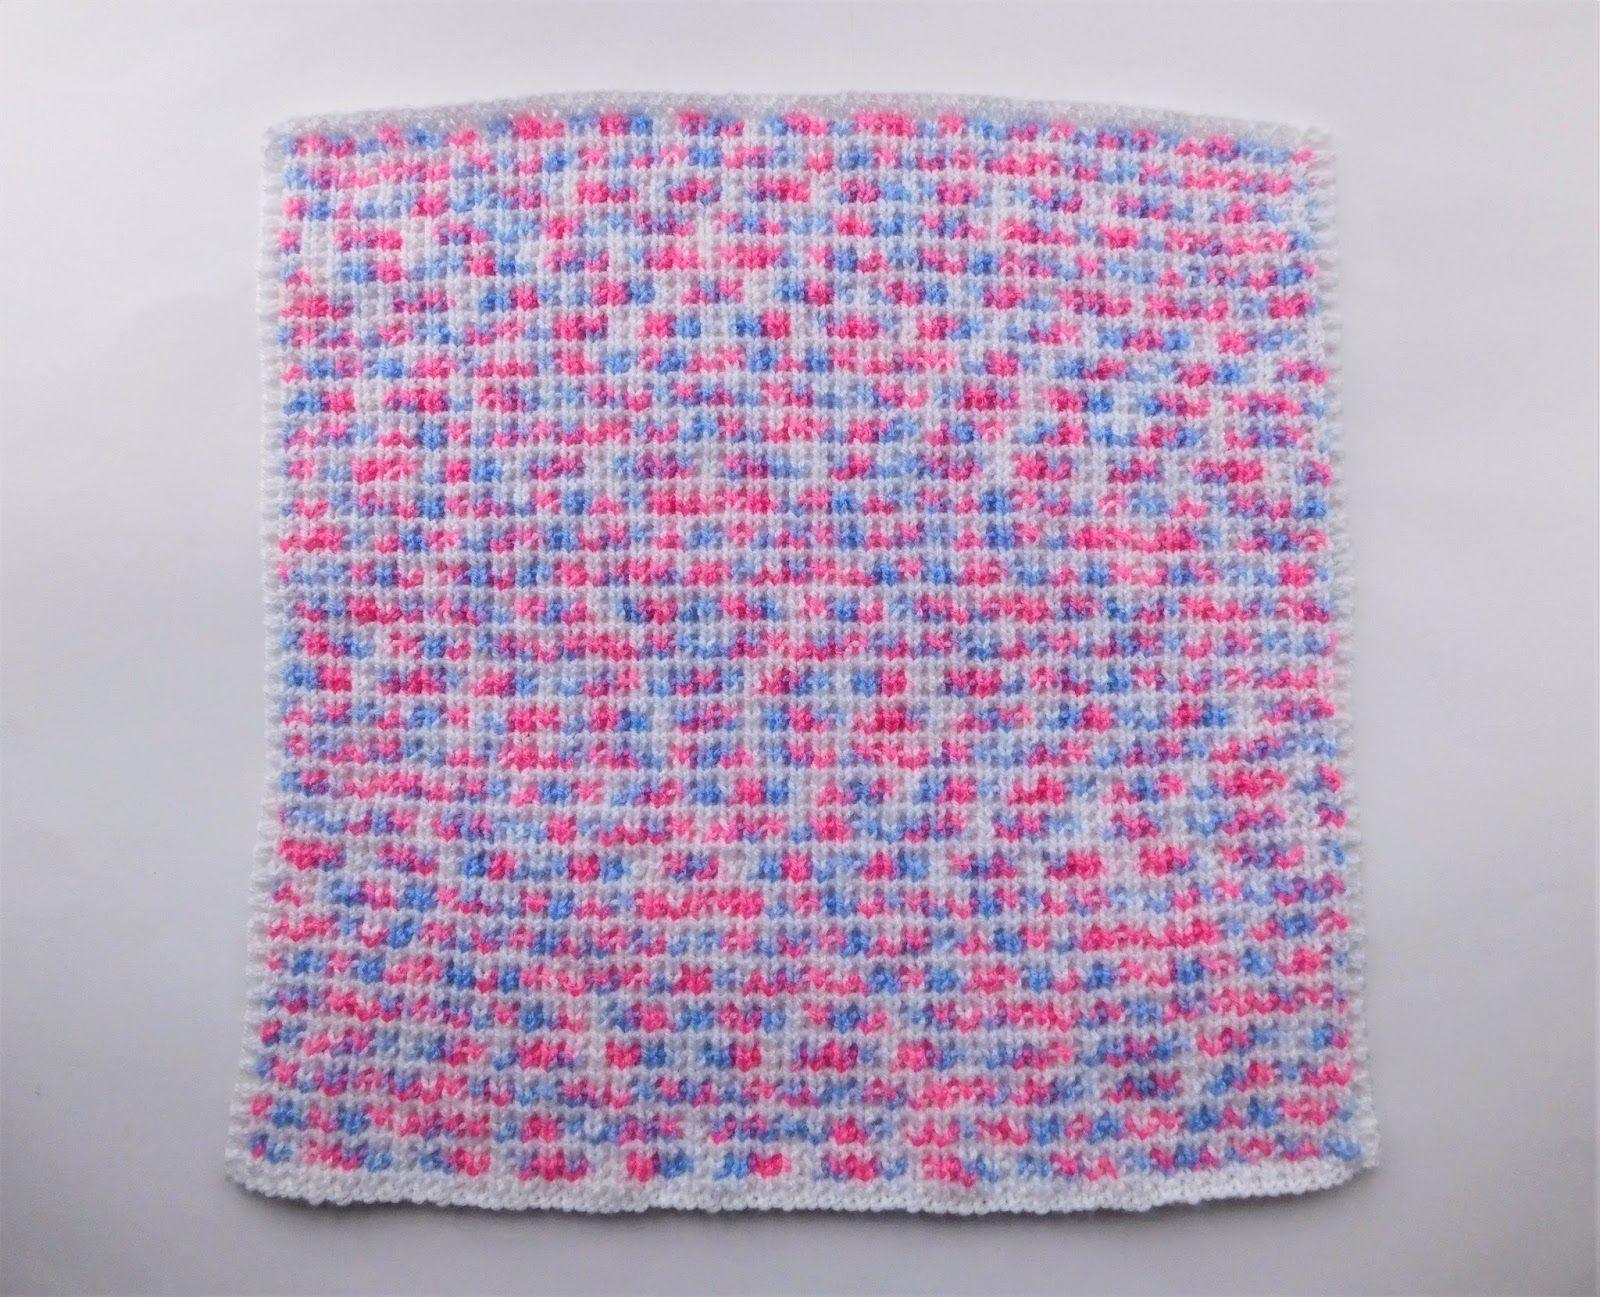 Pin by Rosemary McFarland on baby knitting | Knitting ...